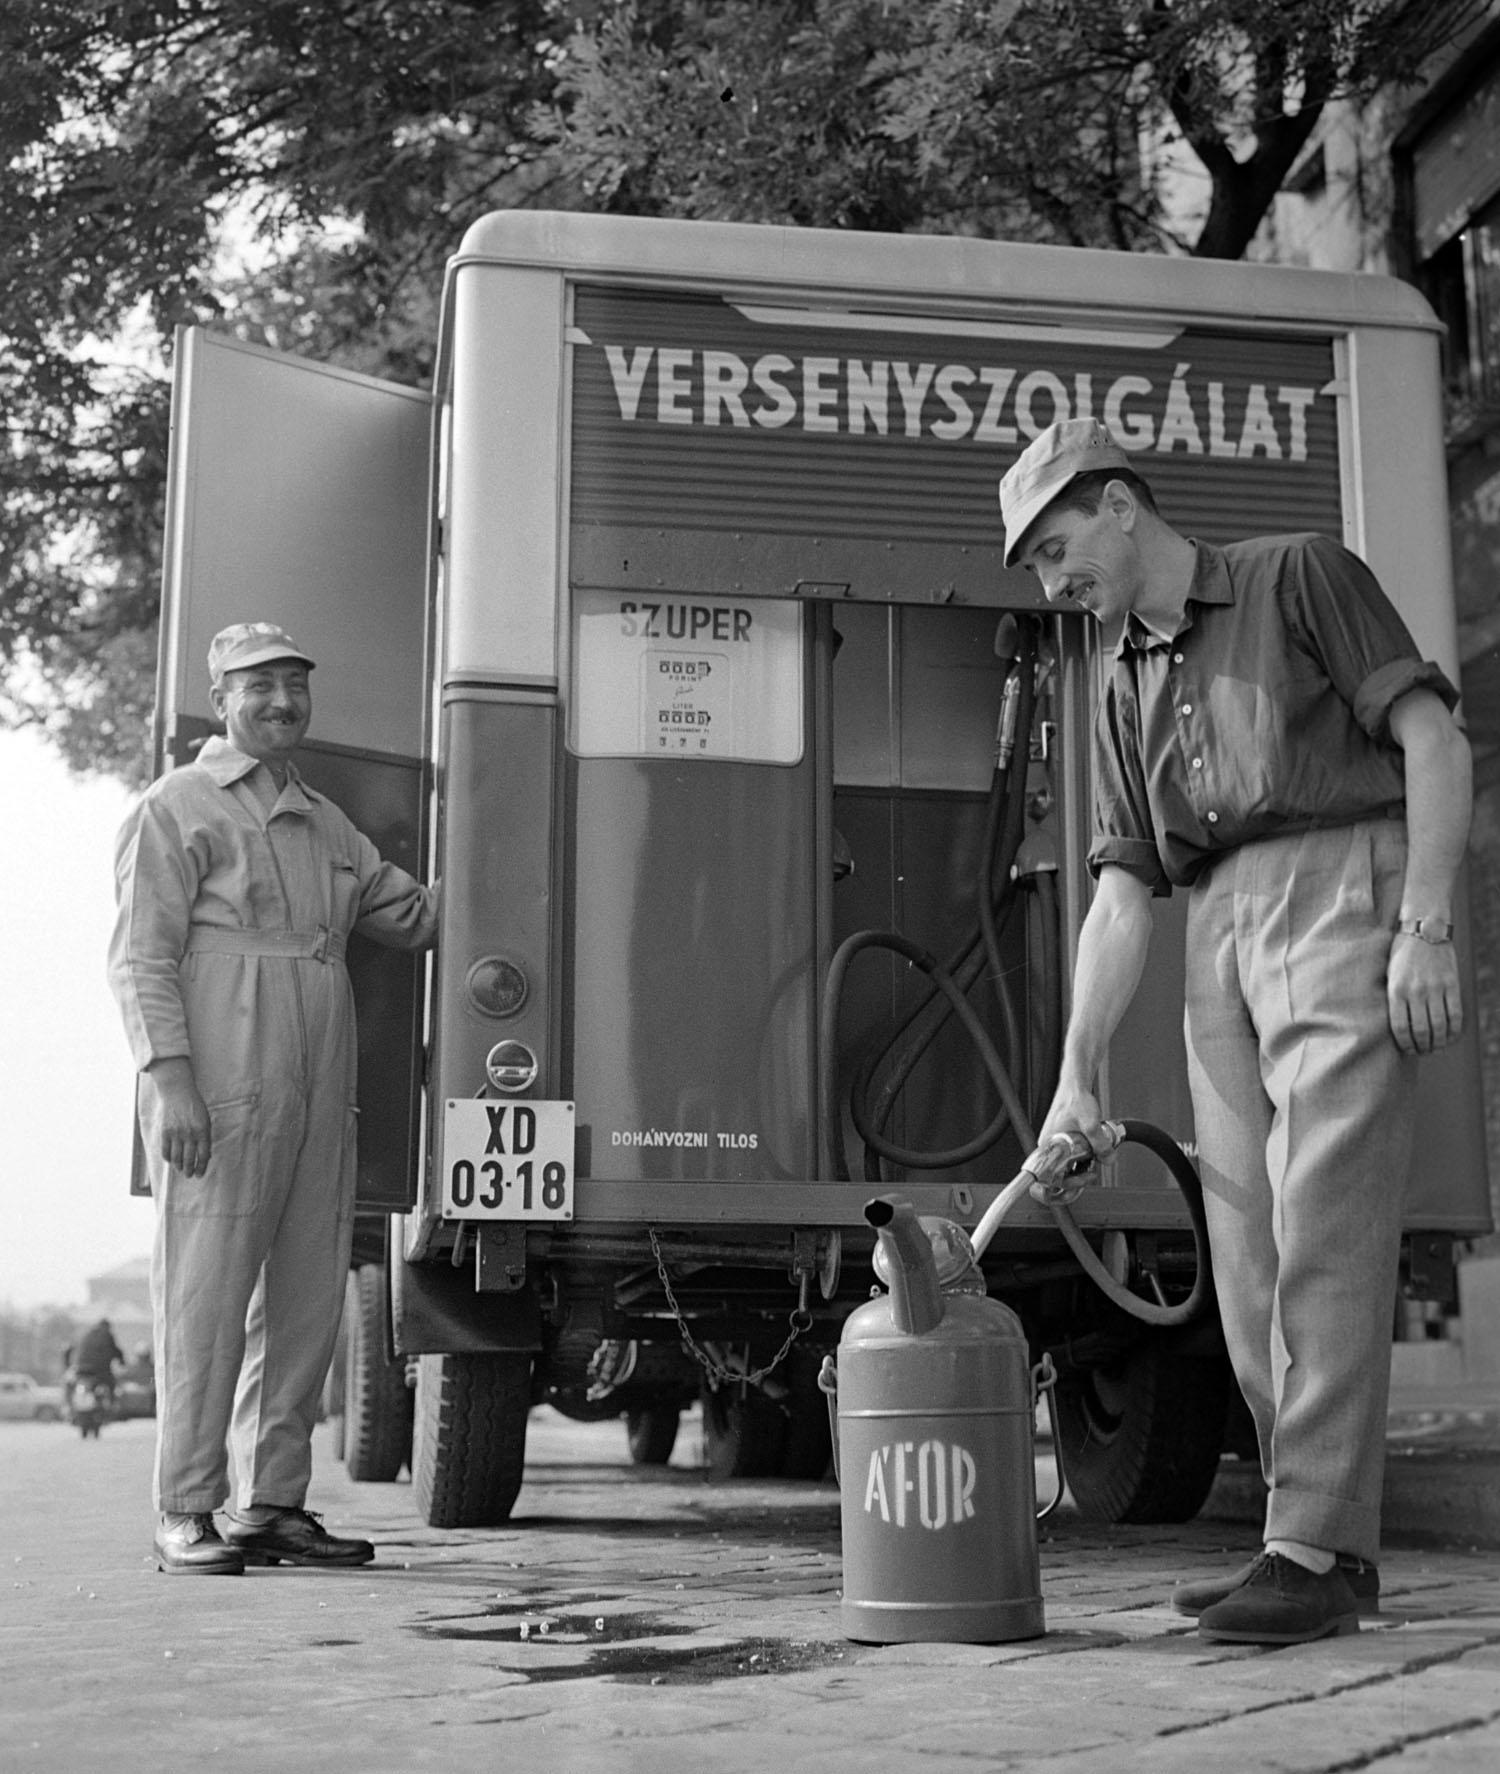 Budapest, 1960. július 30. Egy benzineskannát tölt meg egy alkalmazott az ország elsõ mozgó benzinkútjánál. A mozgó kutat - mely mintegy négyezer liter benzin szállítására alkalmas - a Kõbányai Jármû Kisipari Termelõszövetkezet készítette el az ÁFOR részére és a miskolci motocross-versenyen mutatják majd be. MTI Fotó: Kácsor László